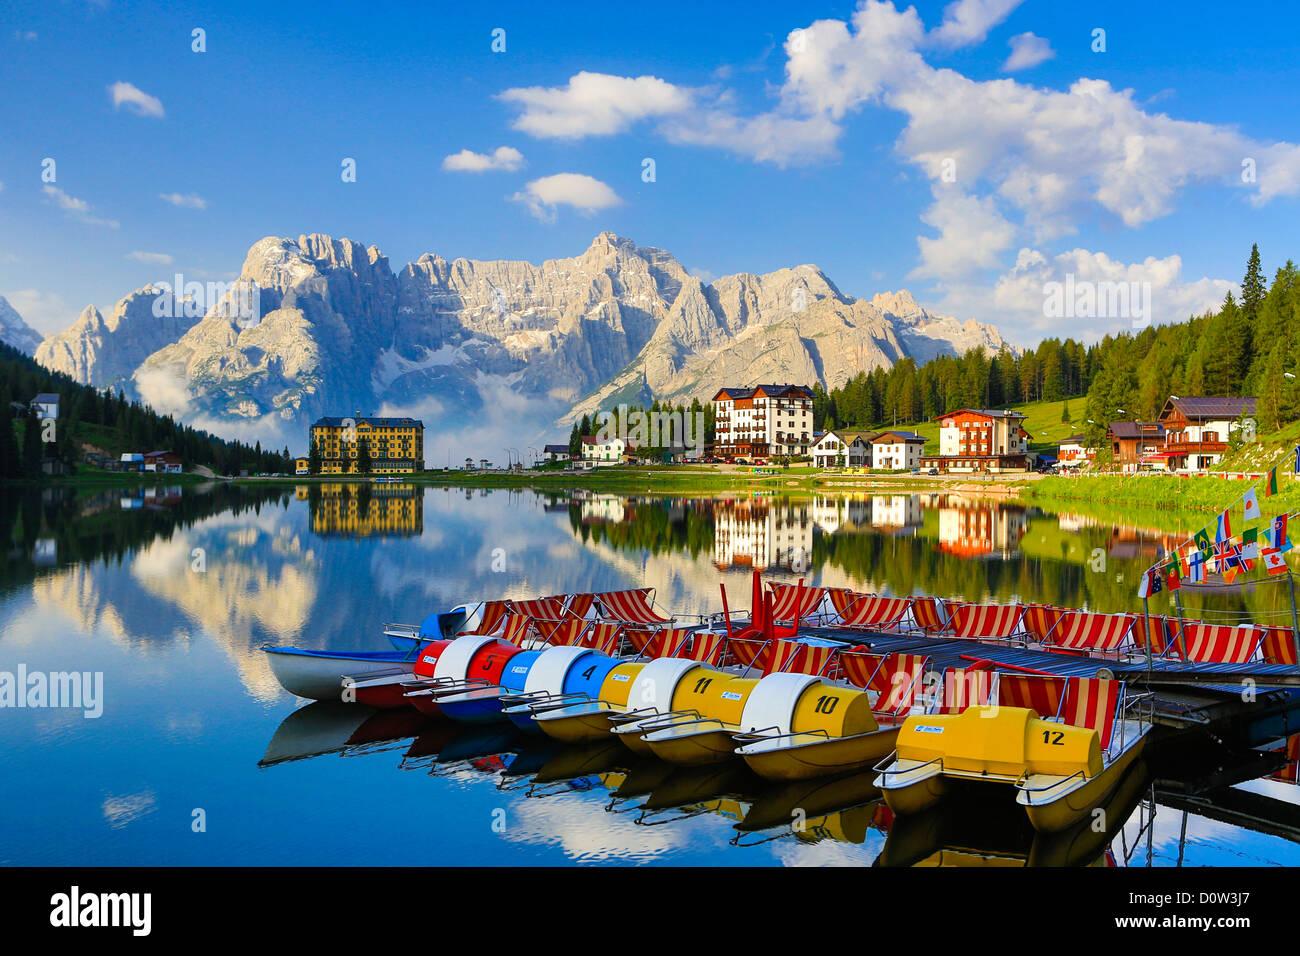 L'Italie, l'Europe, voyage, dolomite, Alpes, Missurina, Lac, pédalo, bateaux, nuages, montagnes, colorés, Photo Stock